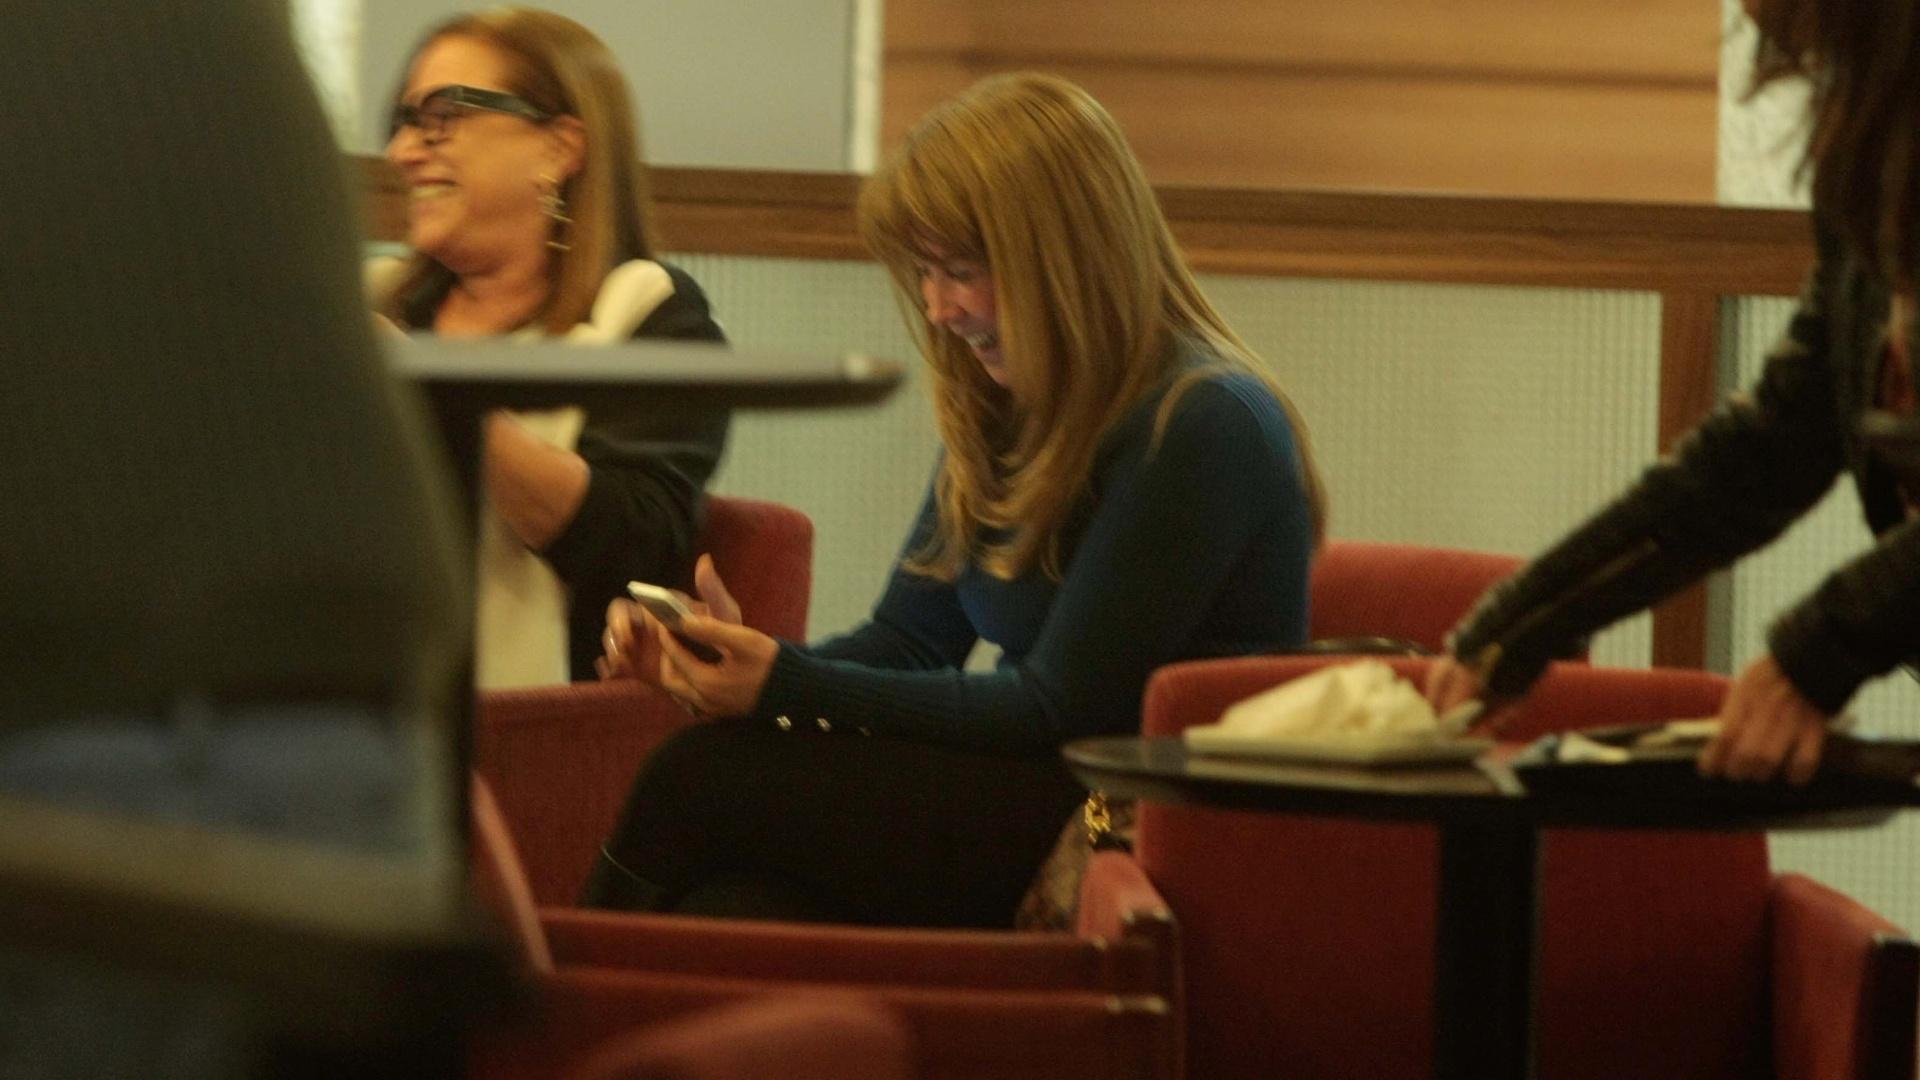 18.jun.2014 - Ansiosa, Zilu utiliza o celular enquanto aguarda notícias da filha Wanessa na cafeteria do Hospital Albert Einstein, em São Paulo, nesta quarta-feira. A cantora entrou em trabalho de parto do segundo filho, João Francisco, ainda durante à tarde